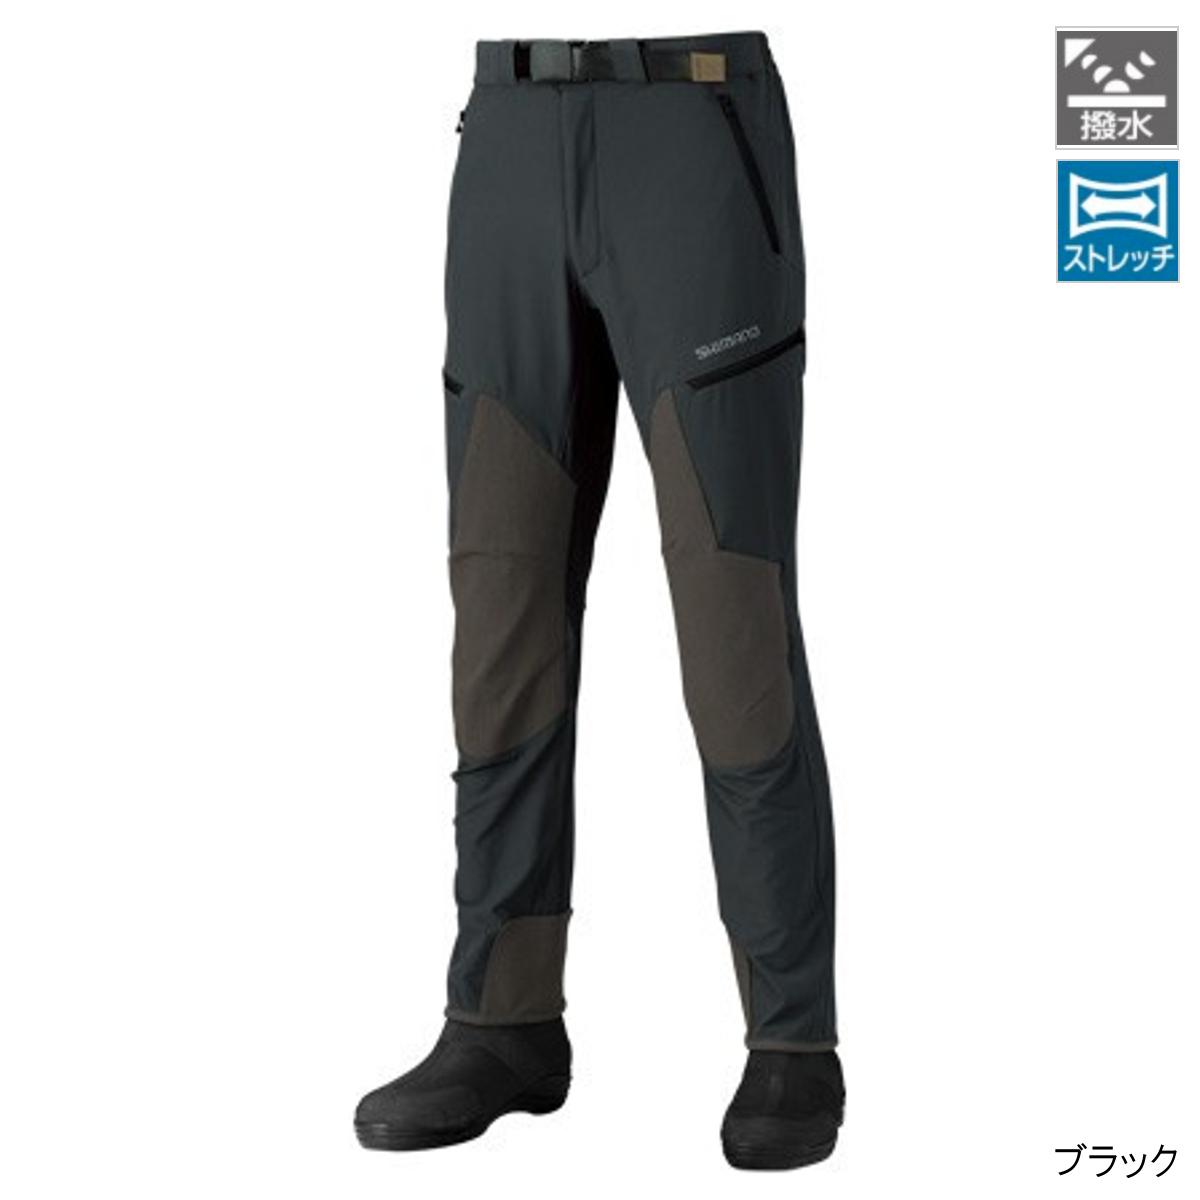 シマノ 撥水ストレッチパンツ PA-041R XL ブラック(東日本店)